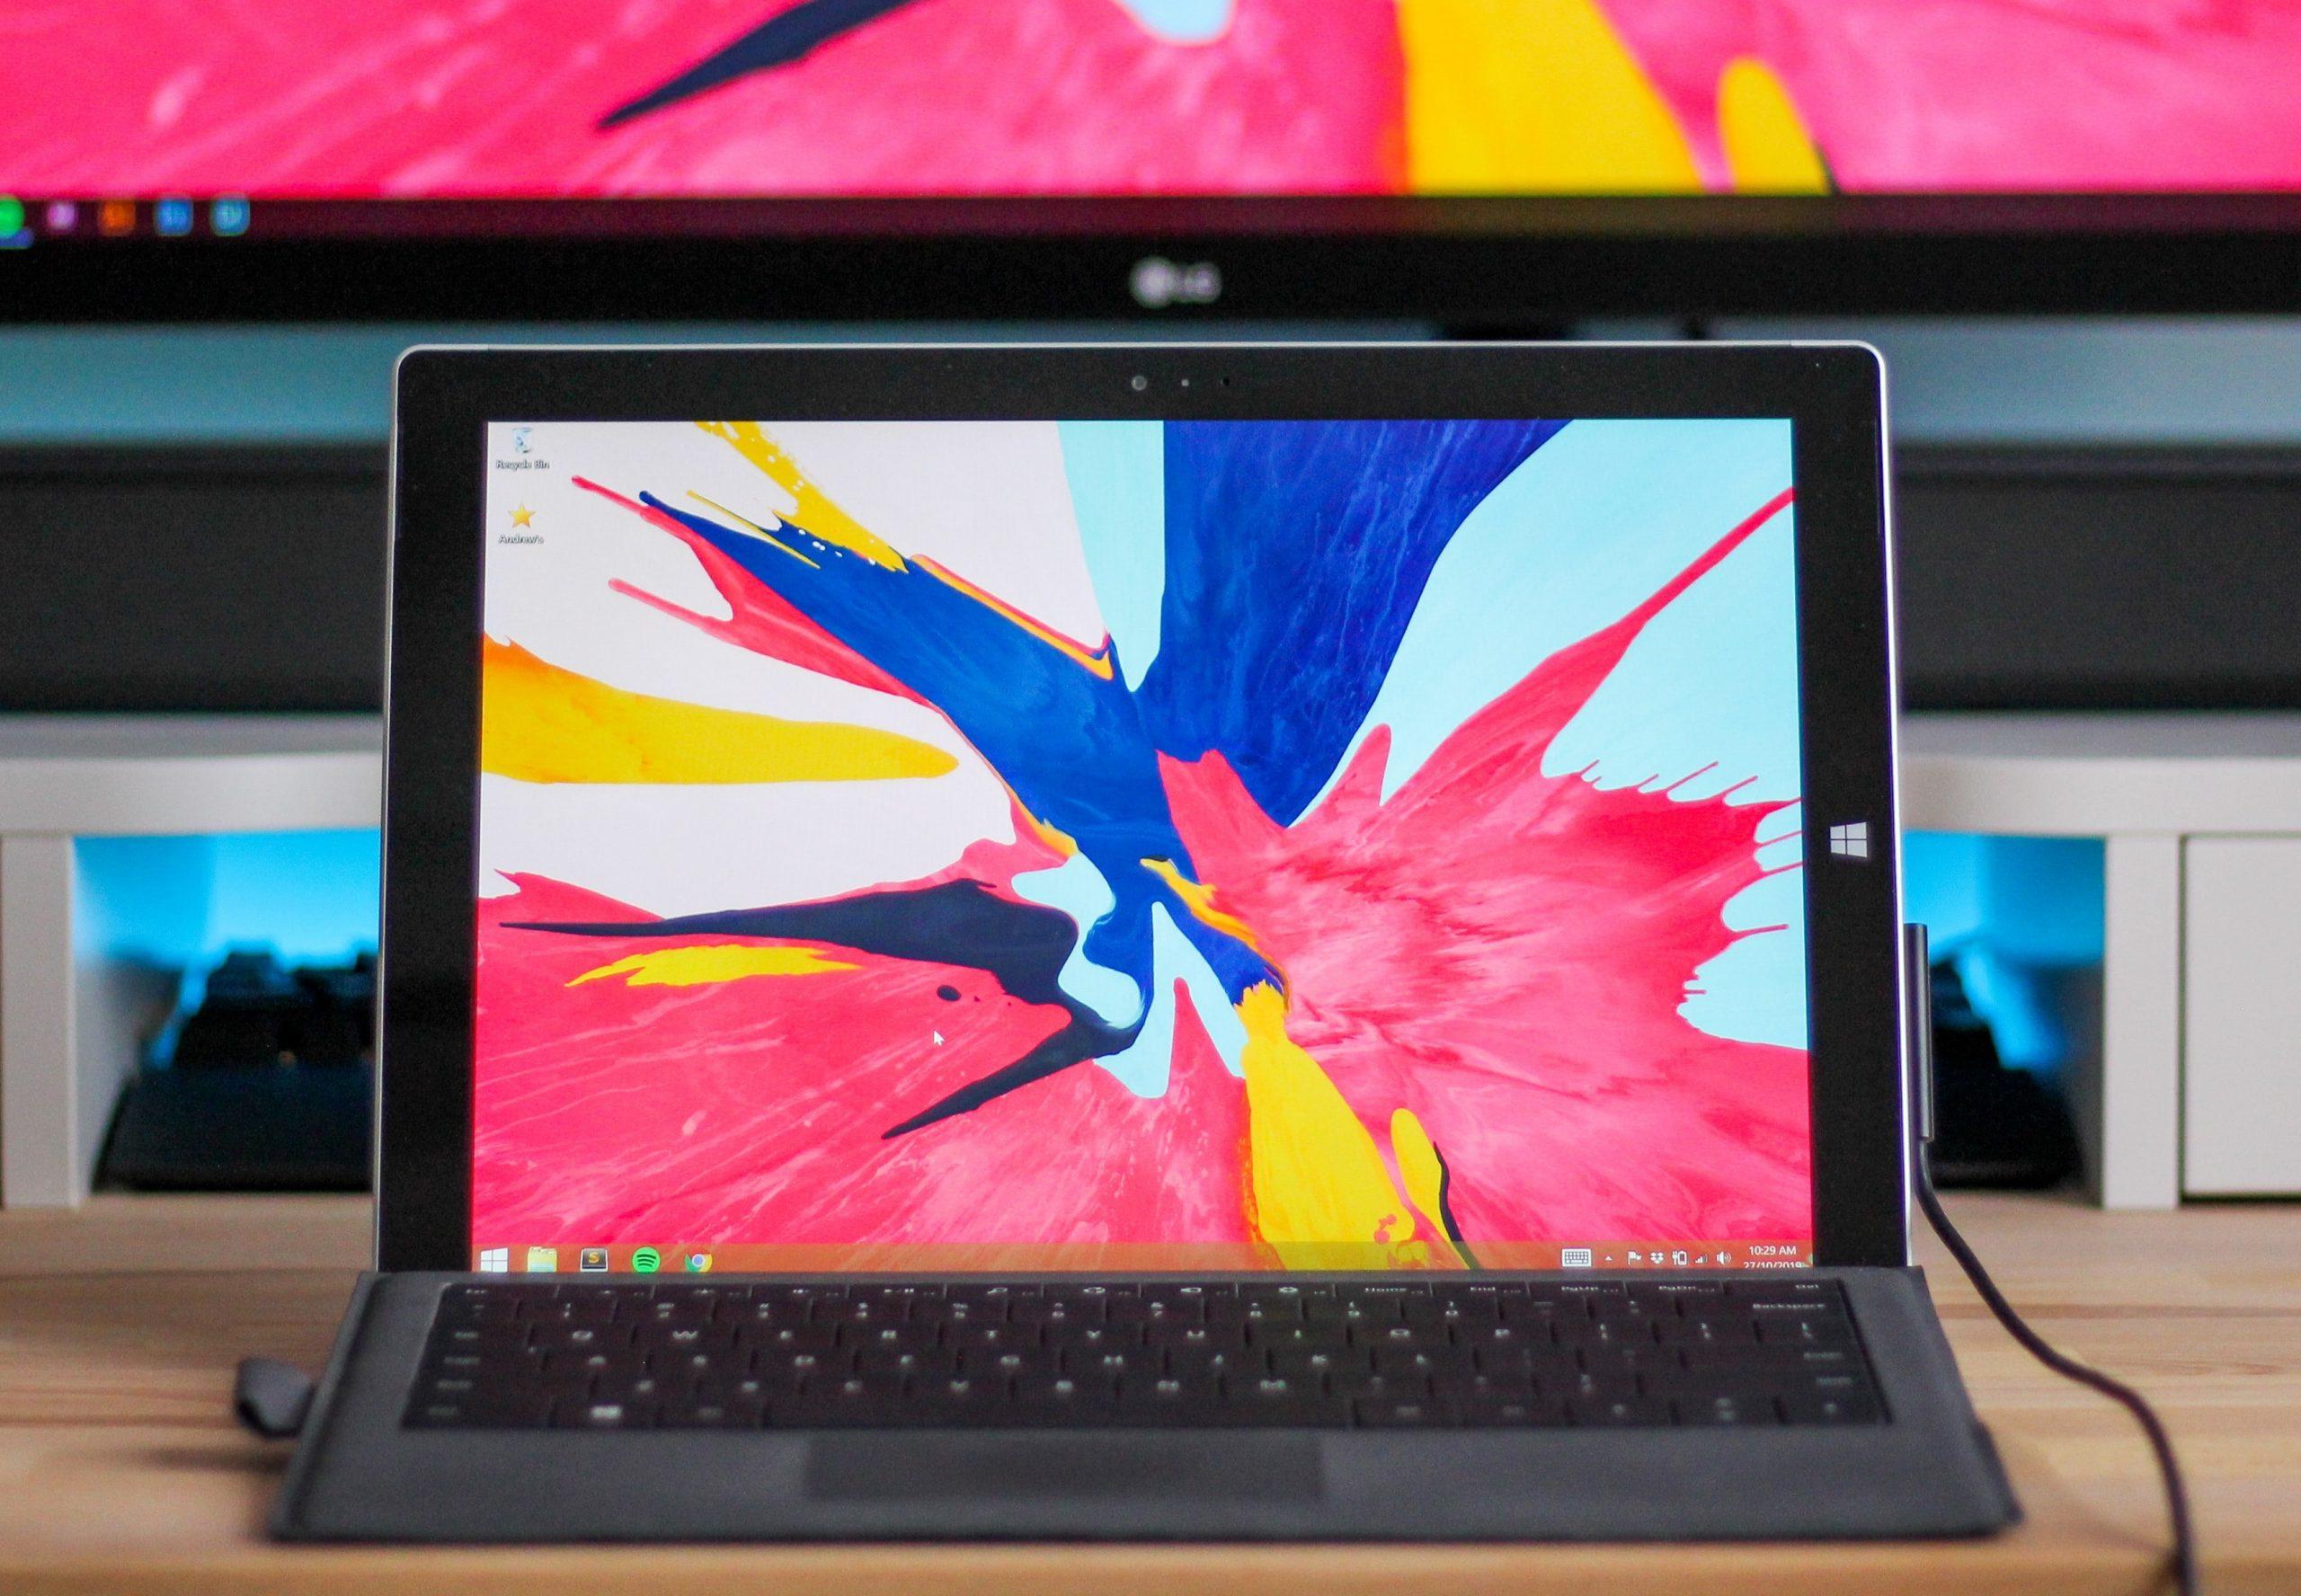 Miglior Tablet PC 2020: Guida all'acquisto